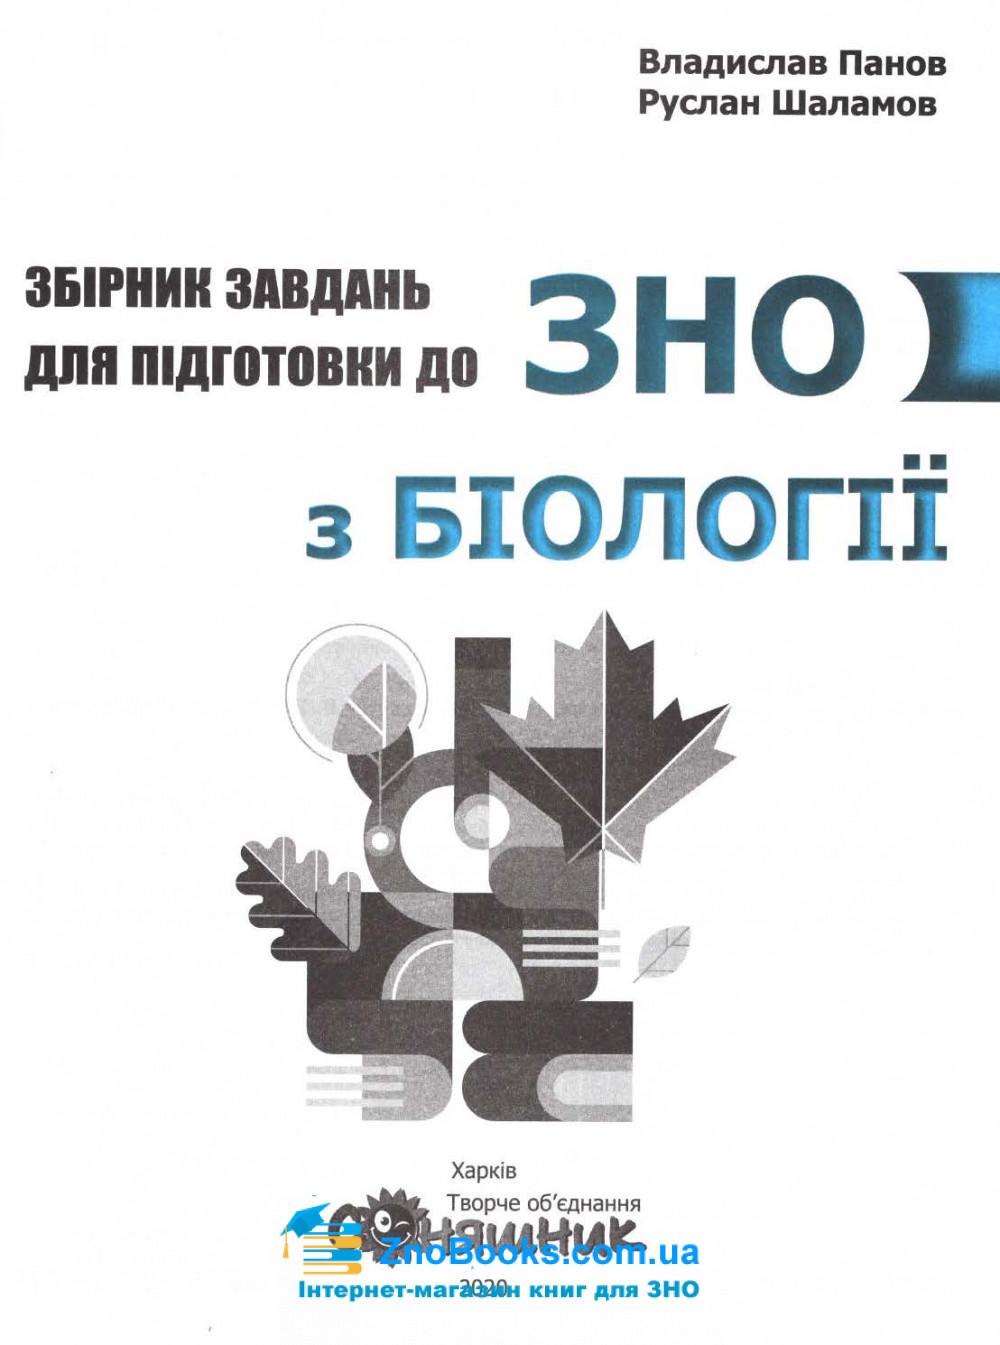 Збірник завдань для підготовки до ЗНО з біології : Панов В. Шаламов Р. Соняшник. купити 1